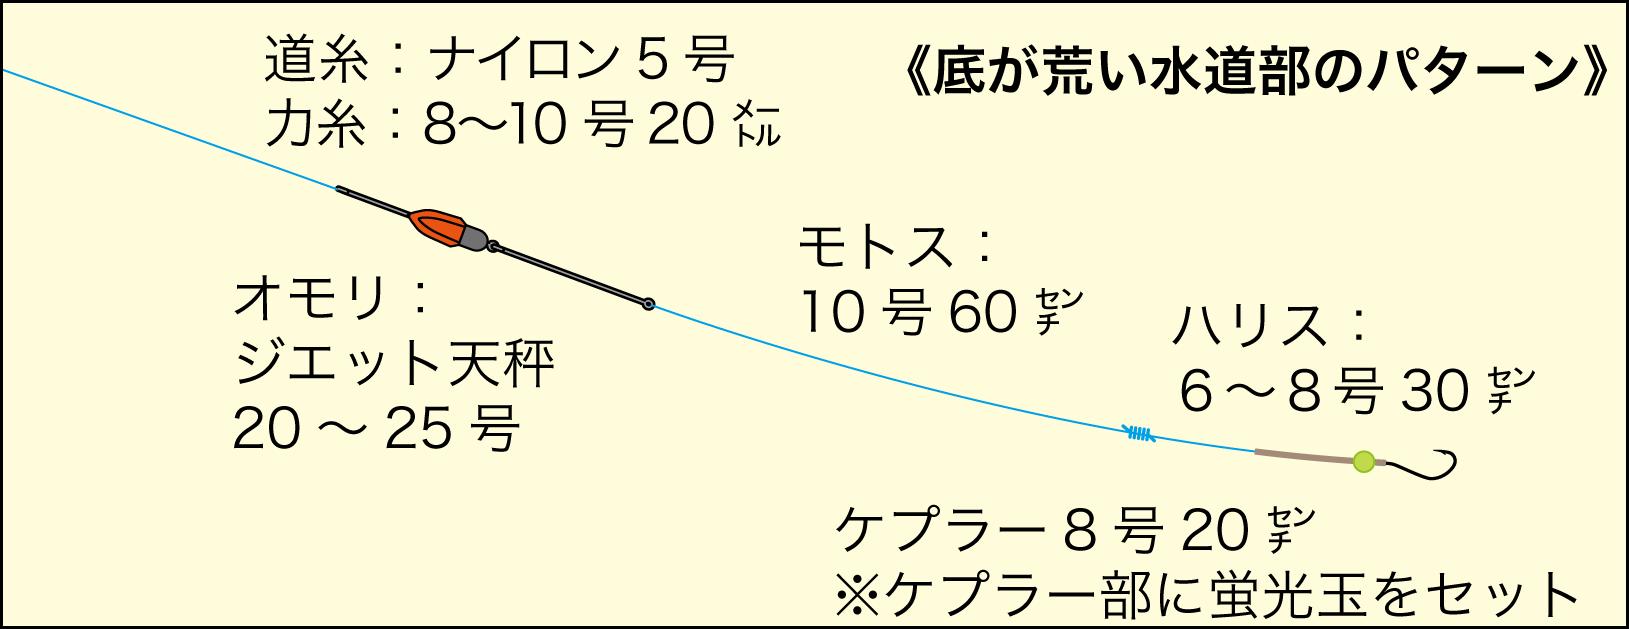 若狭投げマダイ13